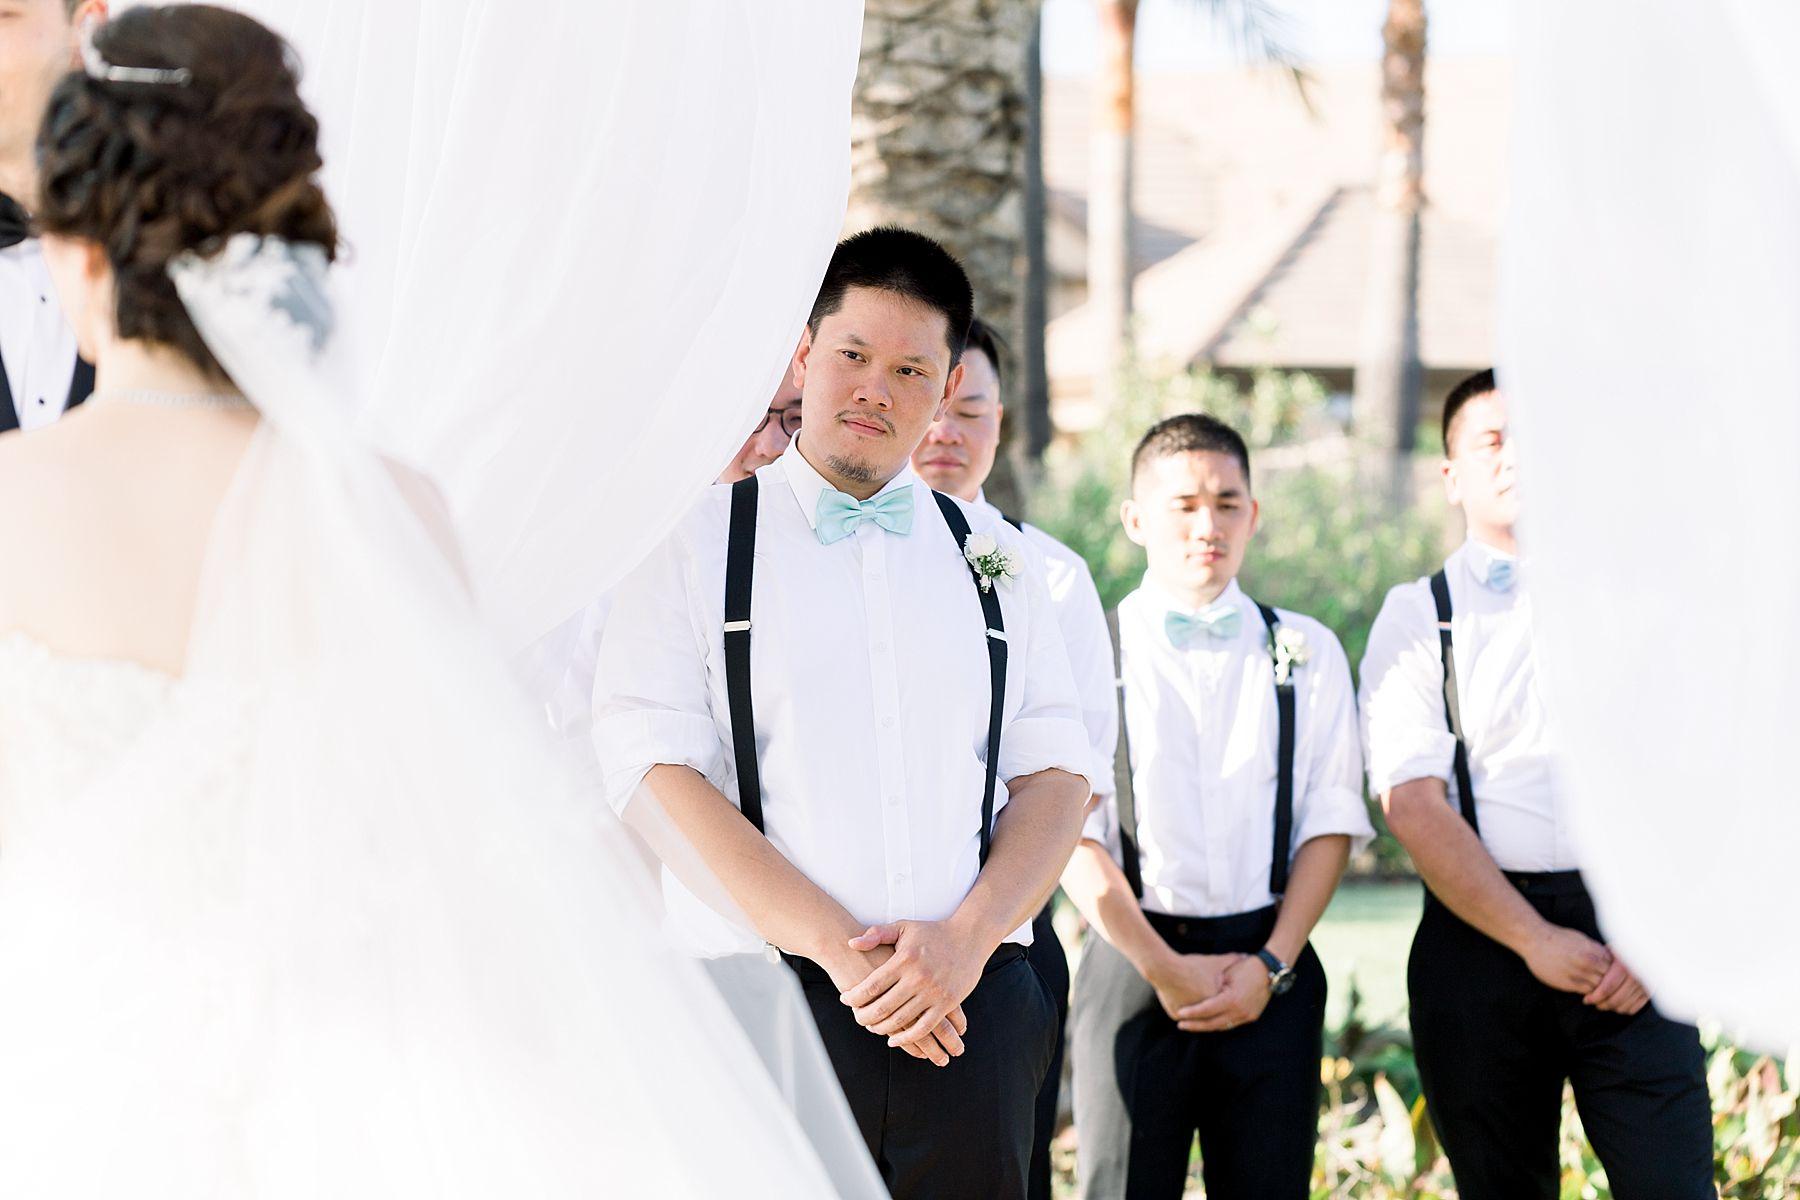 Newberry Estate Vineyards Wedding - Ashley Baumgartner - Jasmine and Johhny - Bay Area Wedding Photographer - Sacramento Wedding Photographer_0034.jpg